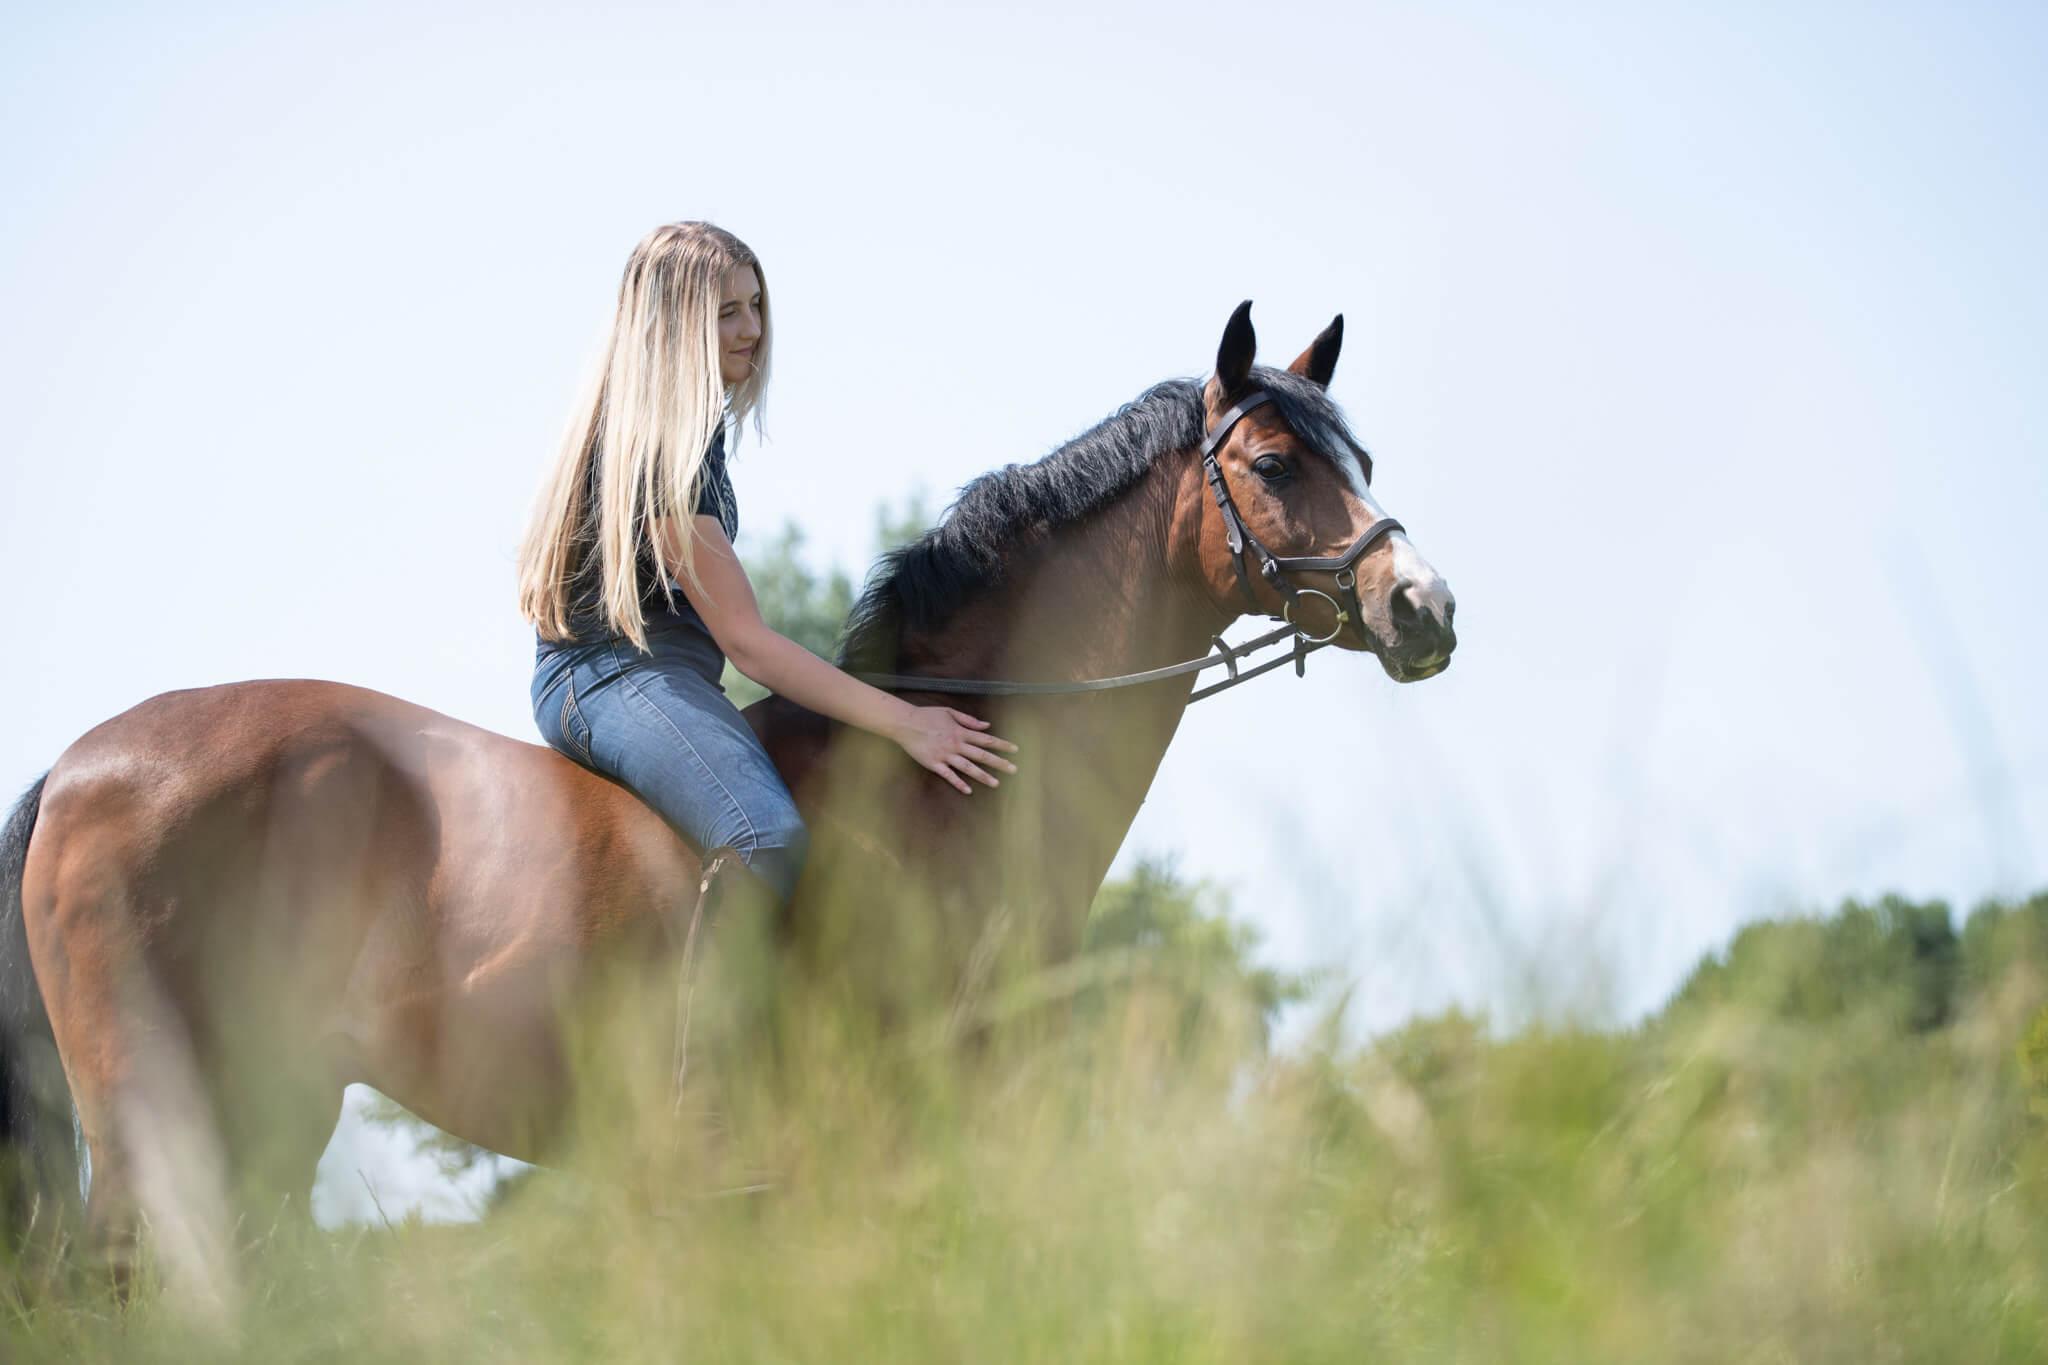 Girl-Horseriding-Bareback